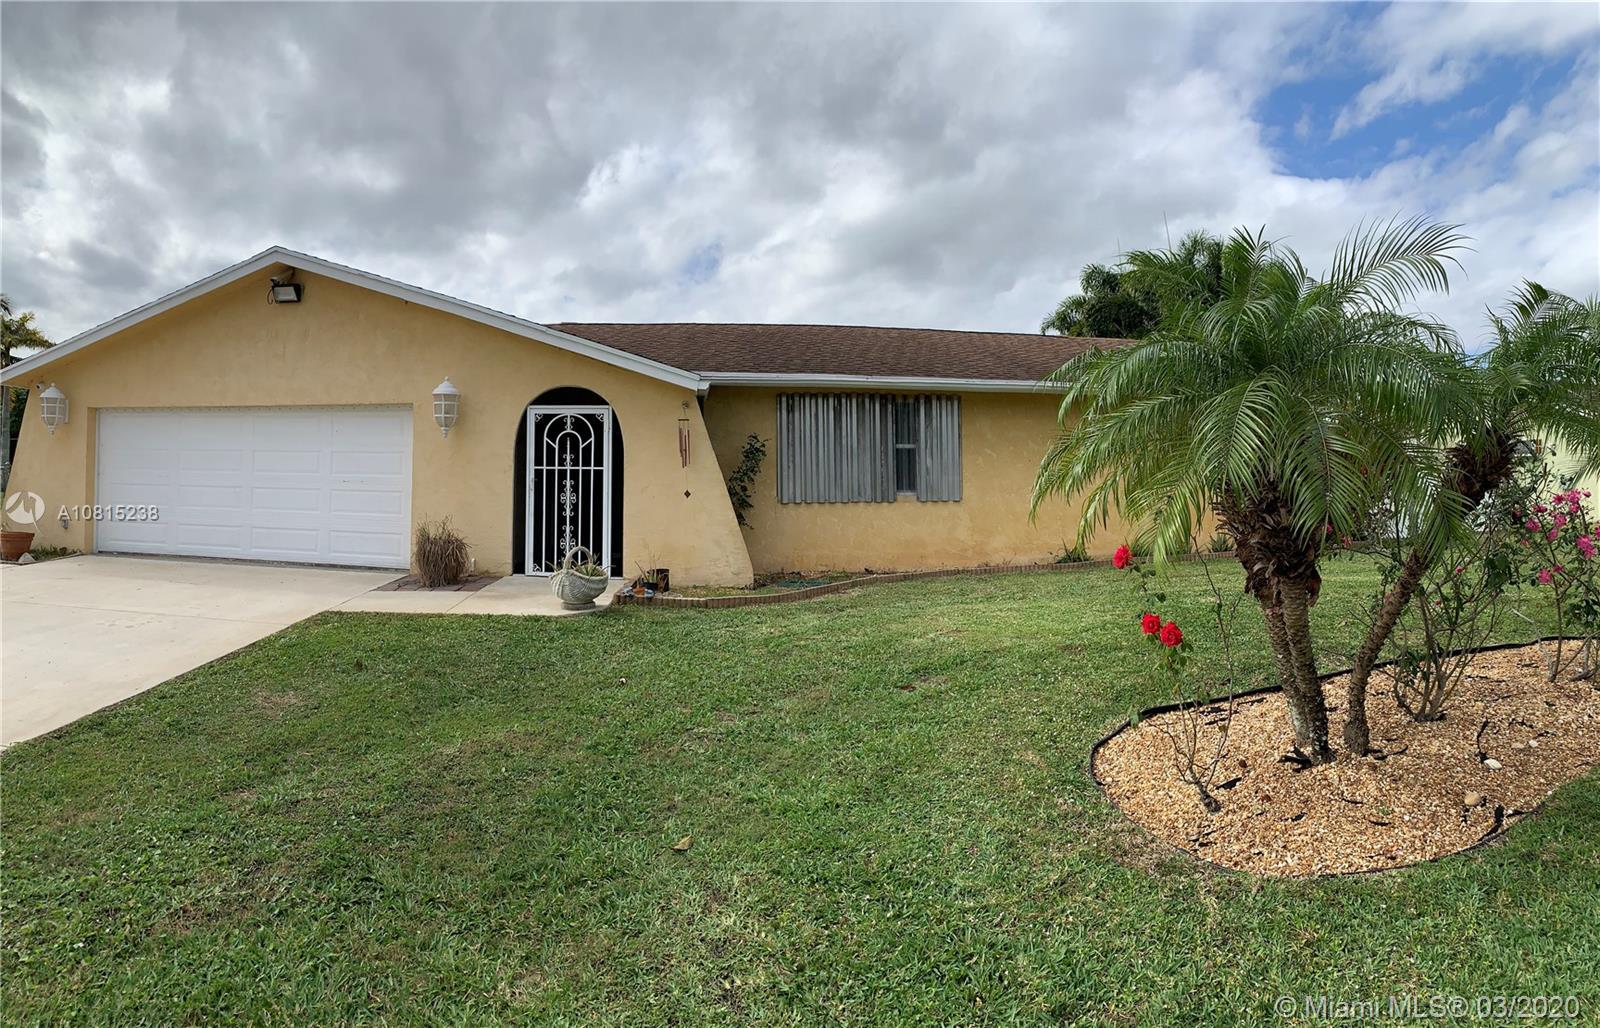 2081 Trinidad Ct, West Palm Beach, FL 33415